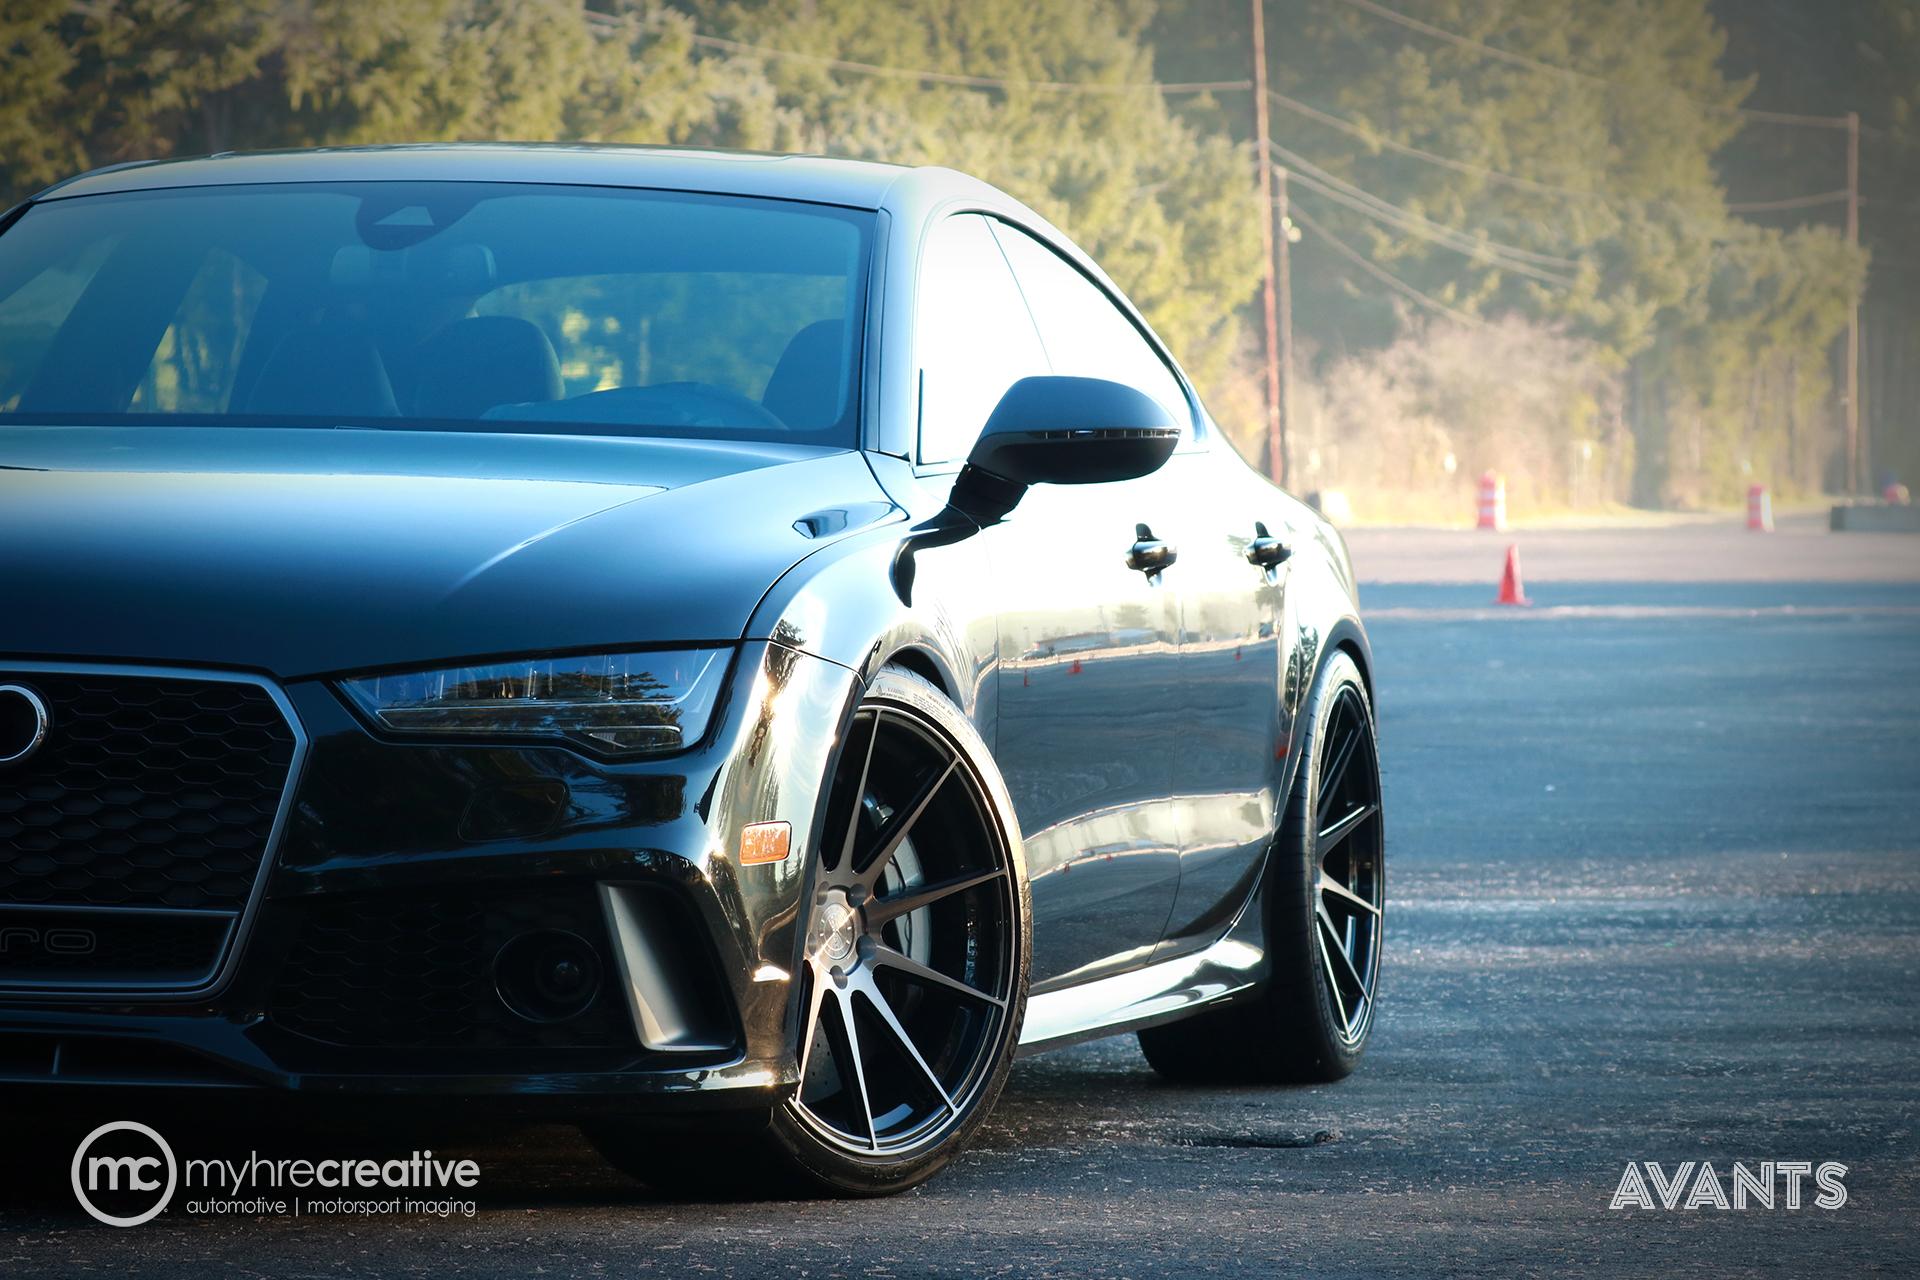 Audi_MyhreCreative_Avants_05.jpg